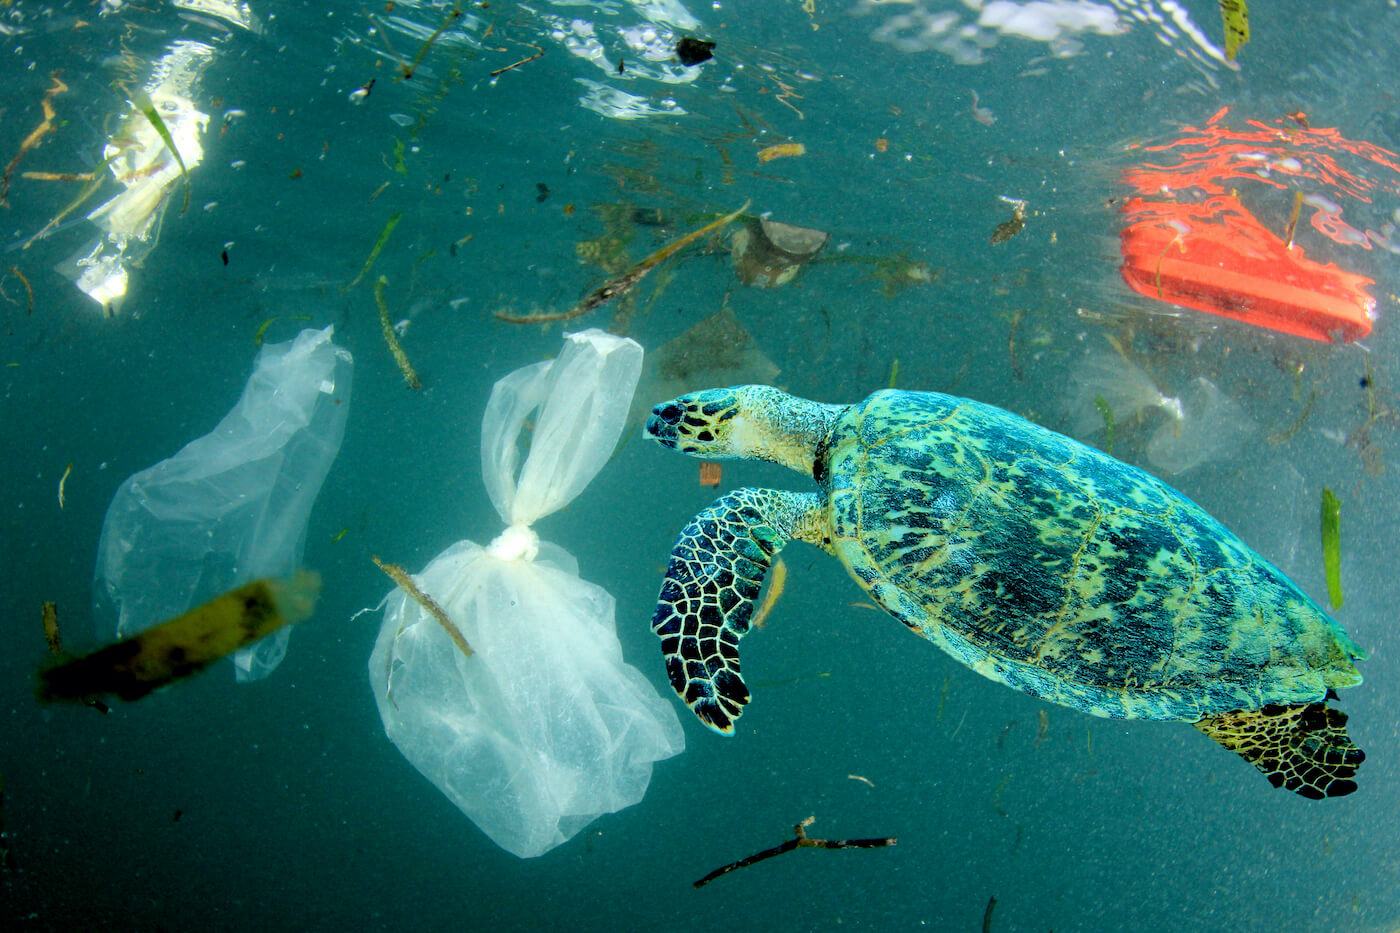 プラスチック 問題 海洋 海洋プラスチック汚染とは何かー21世紀最悪の環境問題の一つ、深刻化するその状況(上) イーズ 未来共創フォーラム